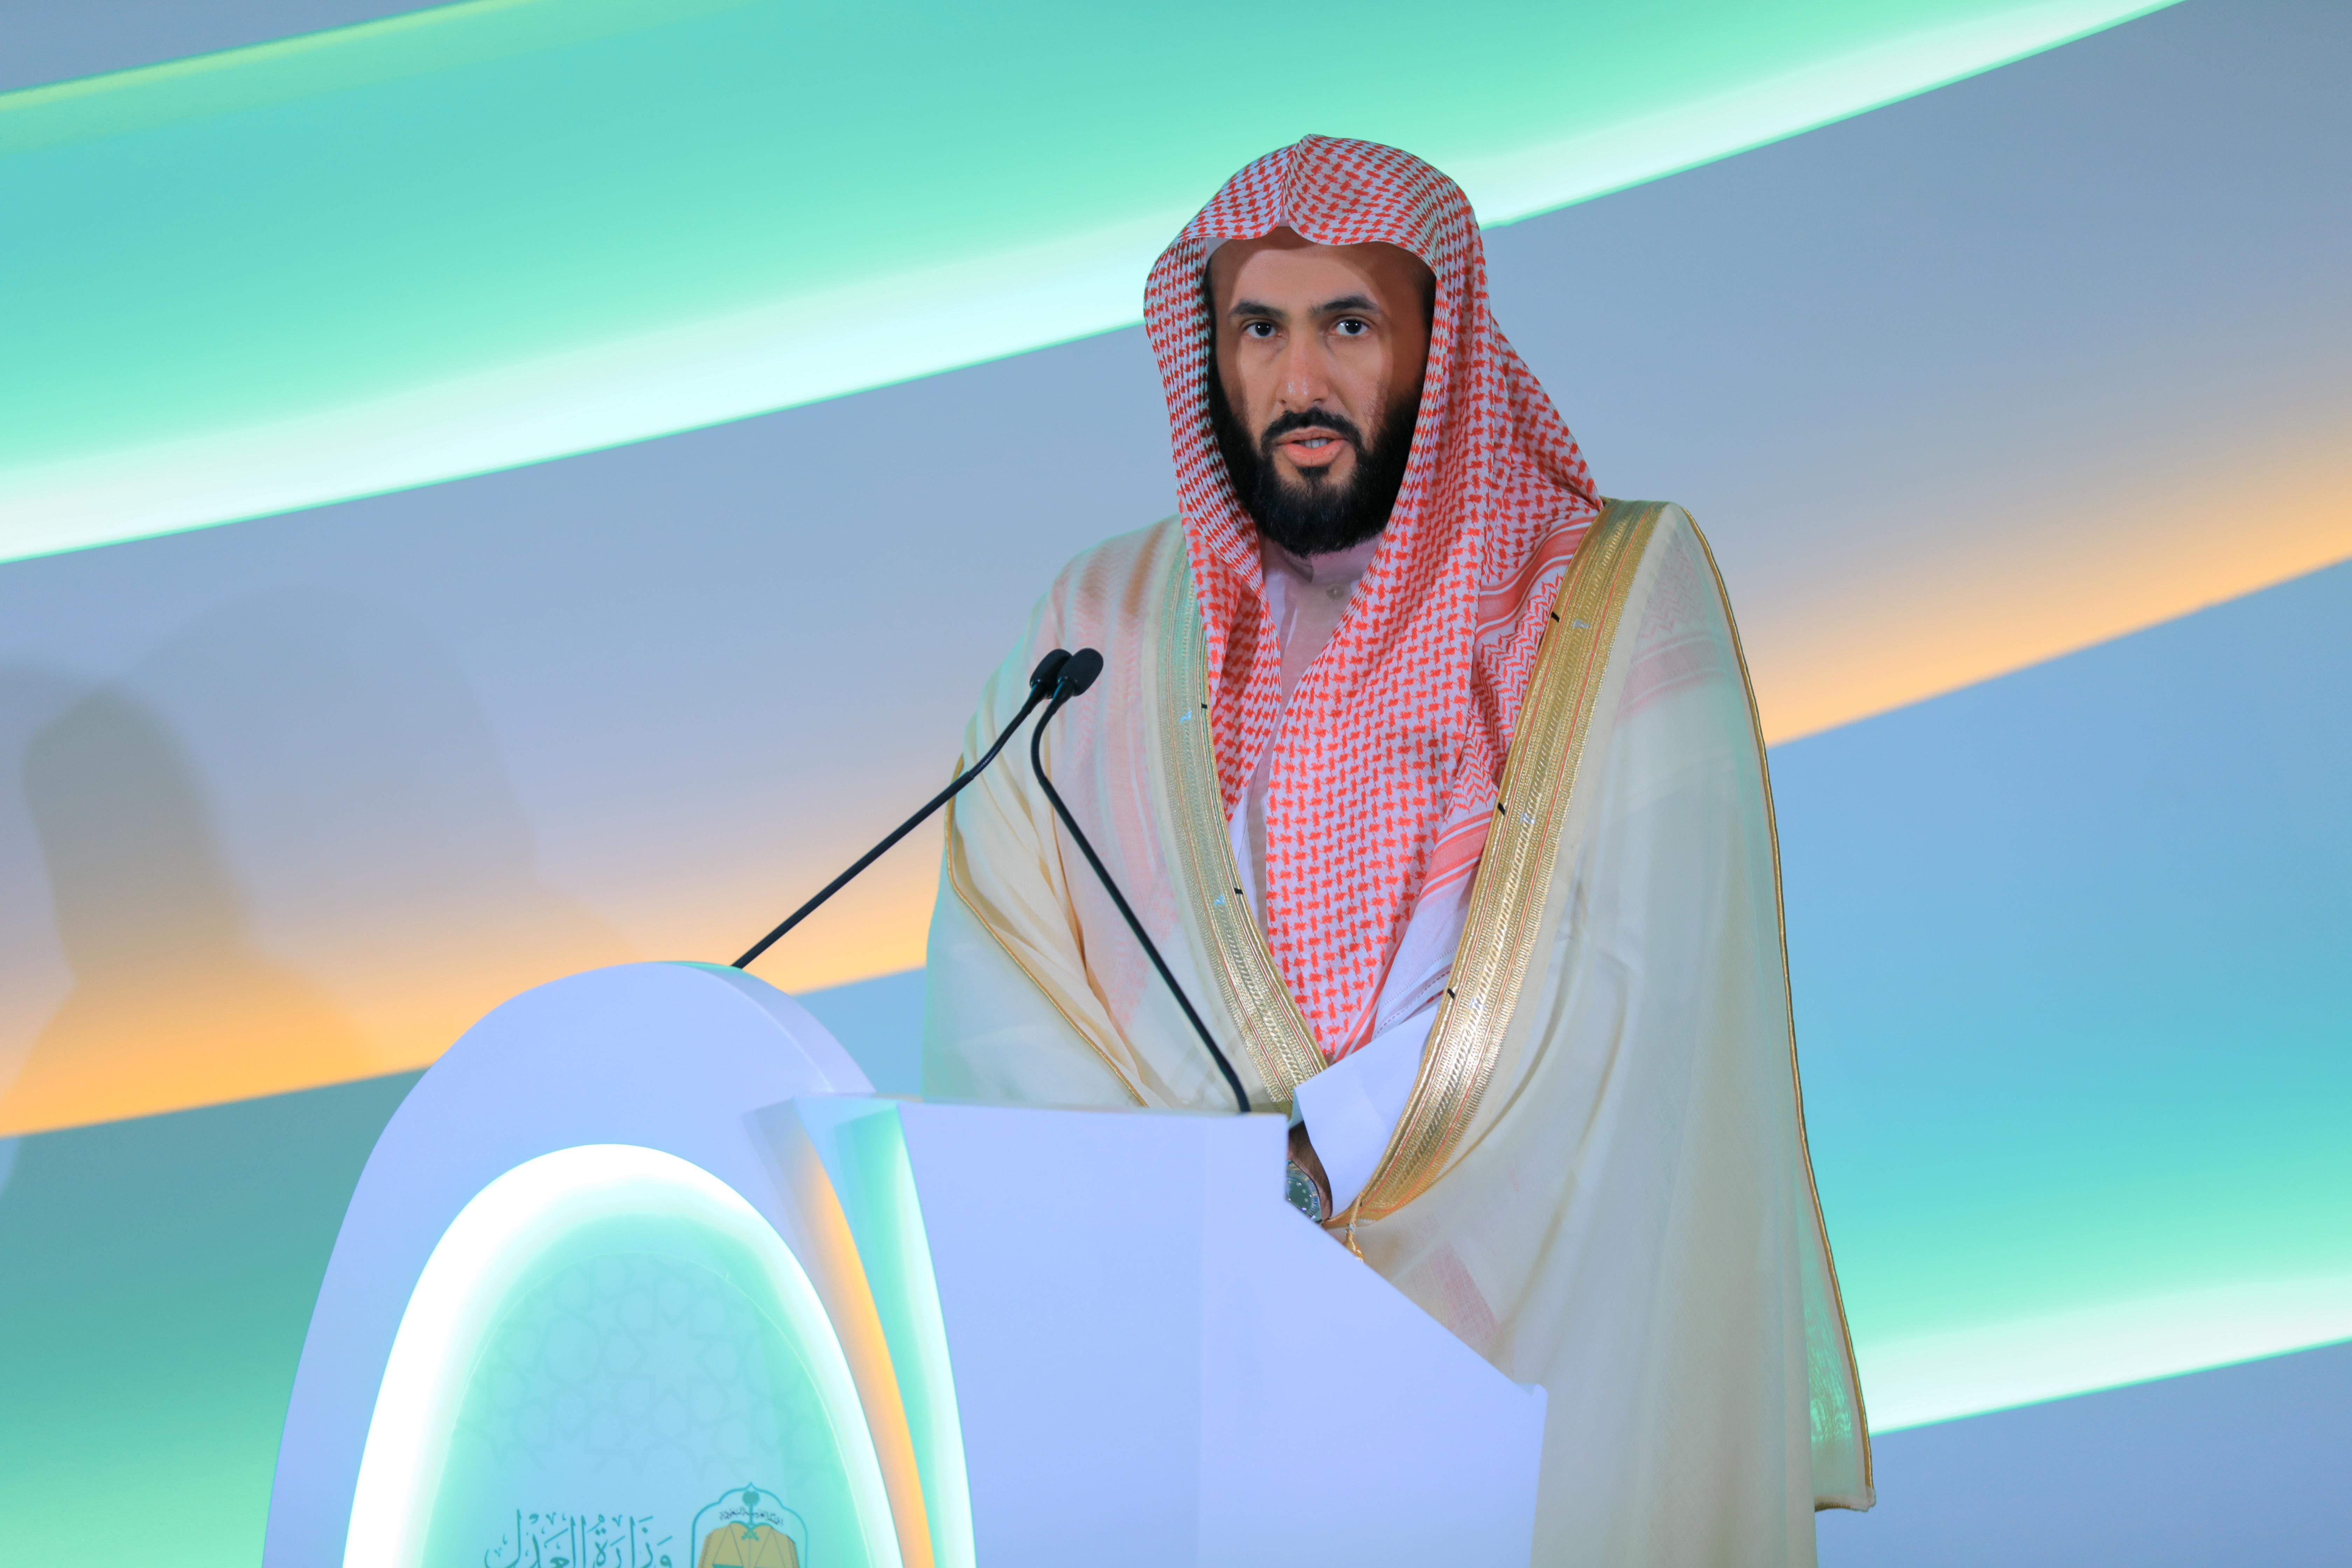 الدكتور وليد بن محمد الصمعاني خلال حفل إطلاق المحاكم التجارية العام الماضي